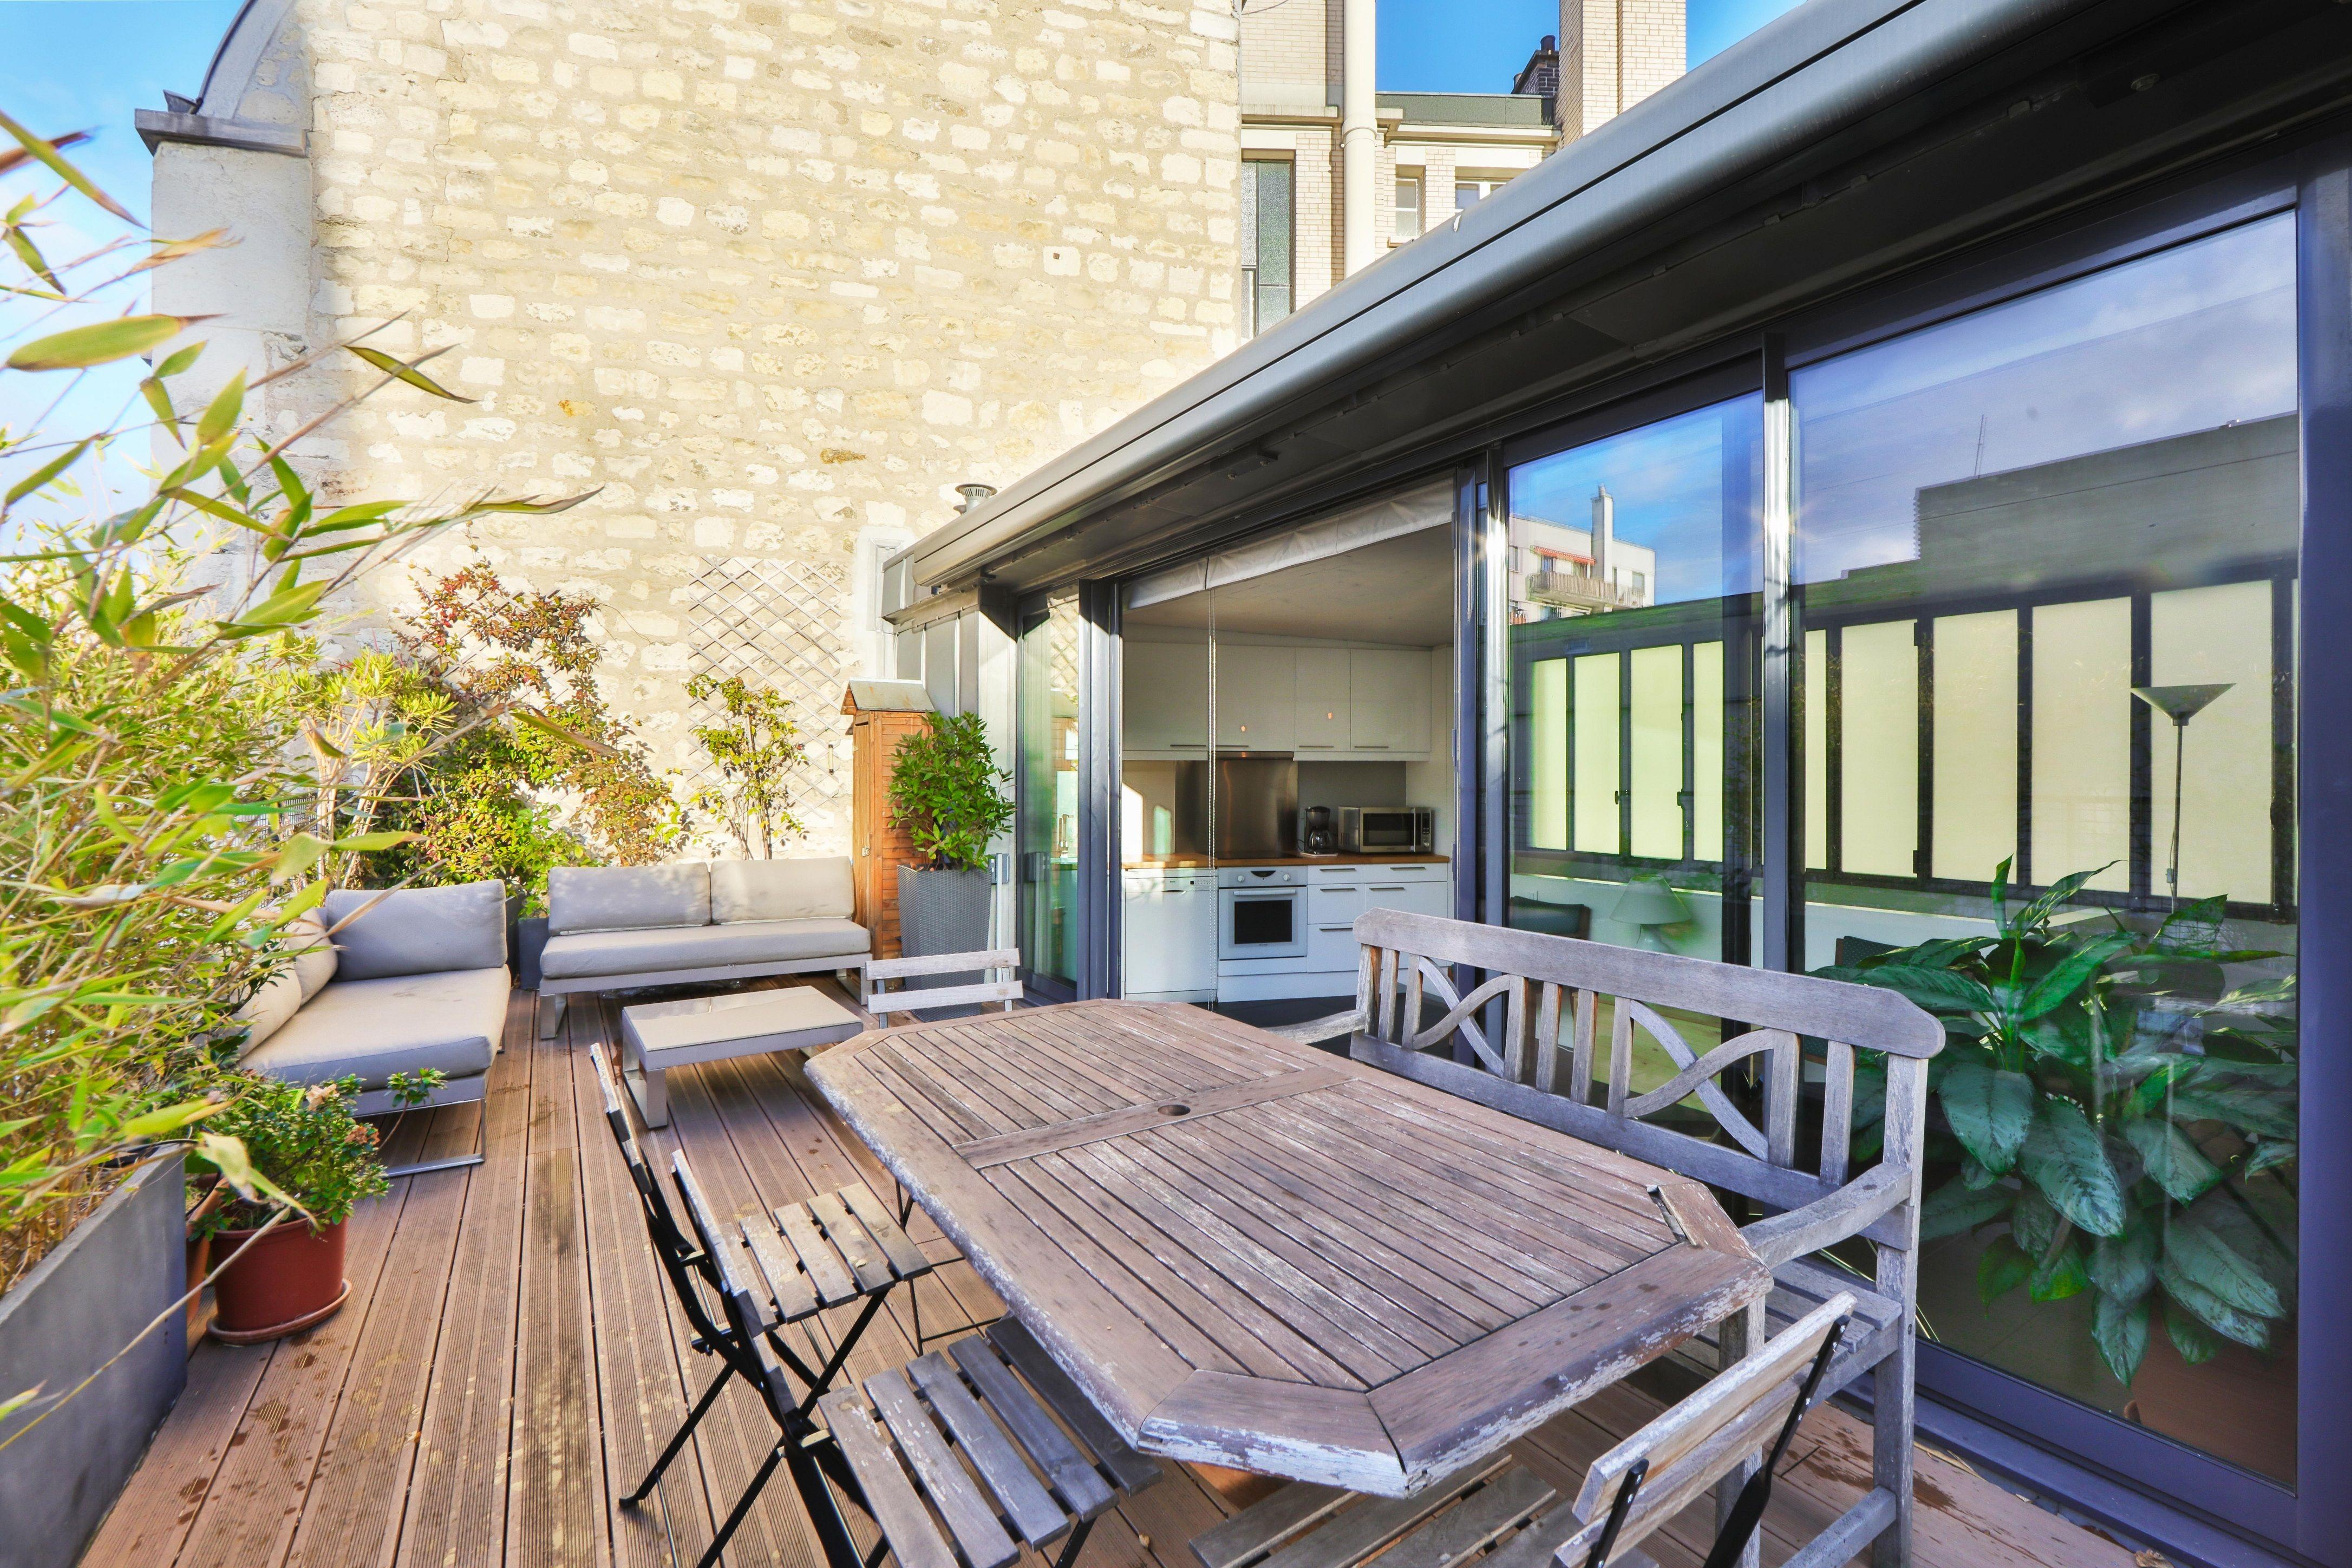 maison paris 15 quartier convention immobilier de. Black Bedroom Furniture Sets. Home Design Ideas